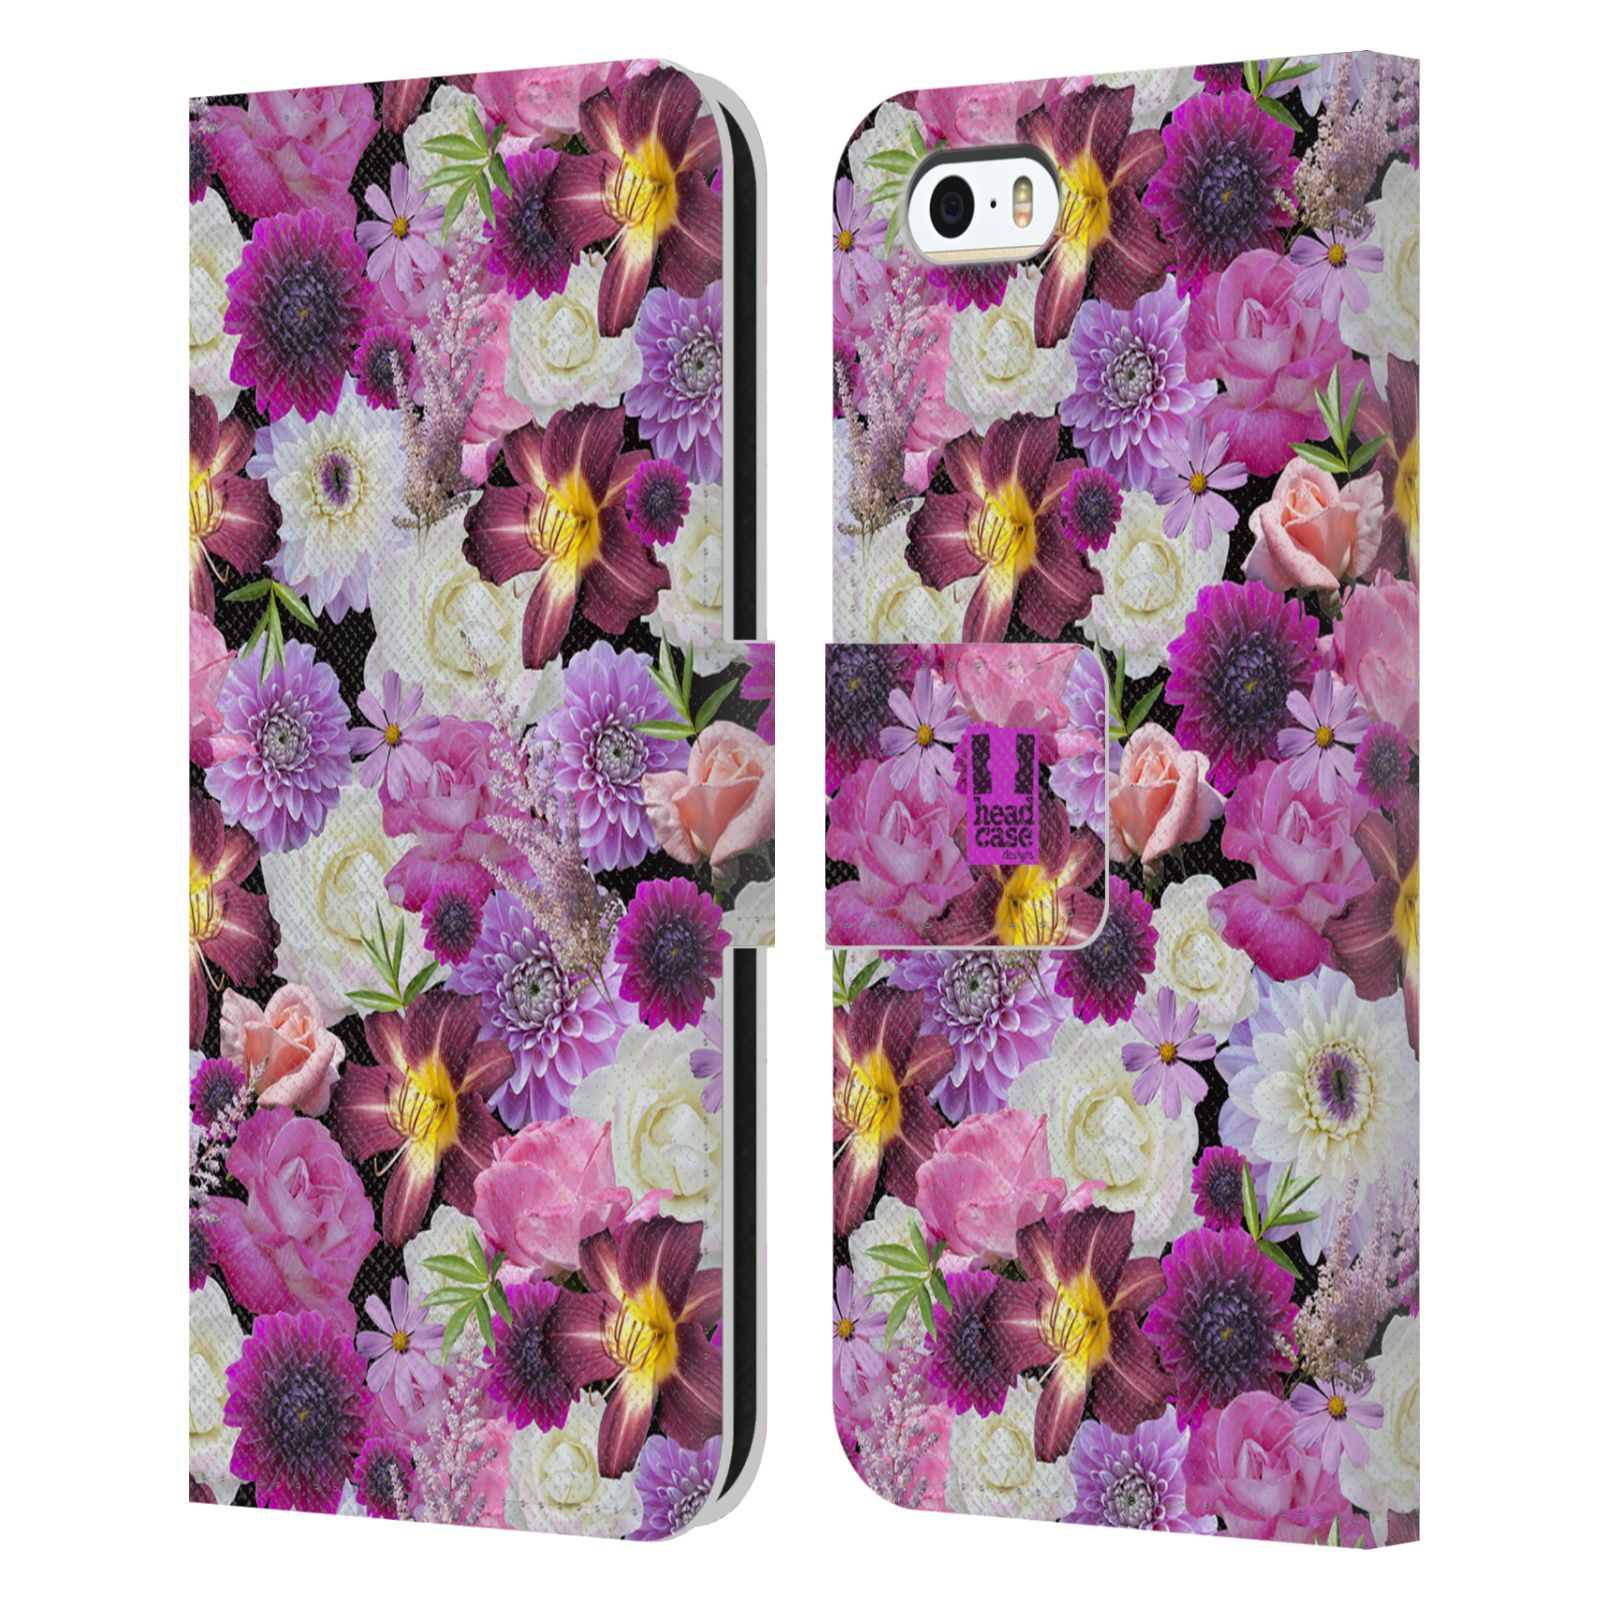 HEAD CASE Flipové pouzdro pro mobil Apple Iphone 5/5s květy foto fialová a bílá